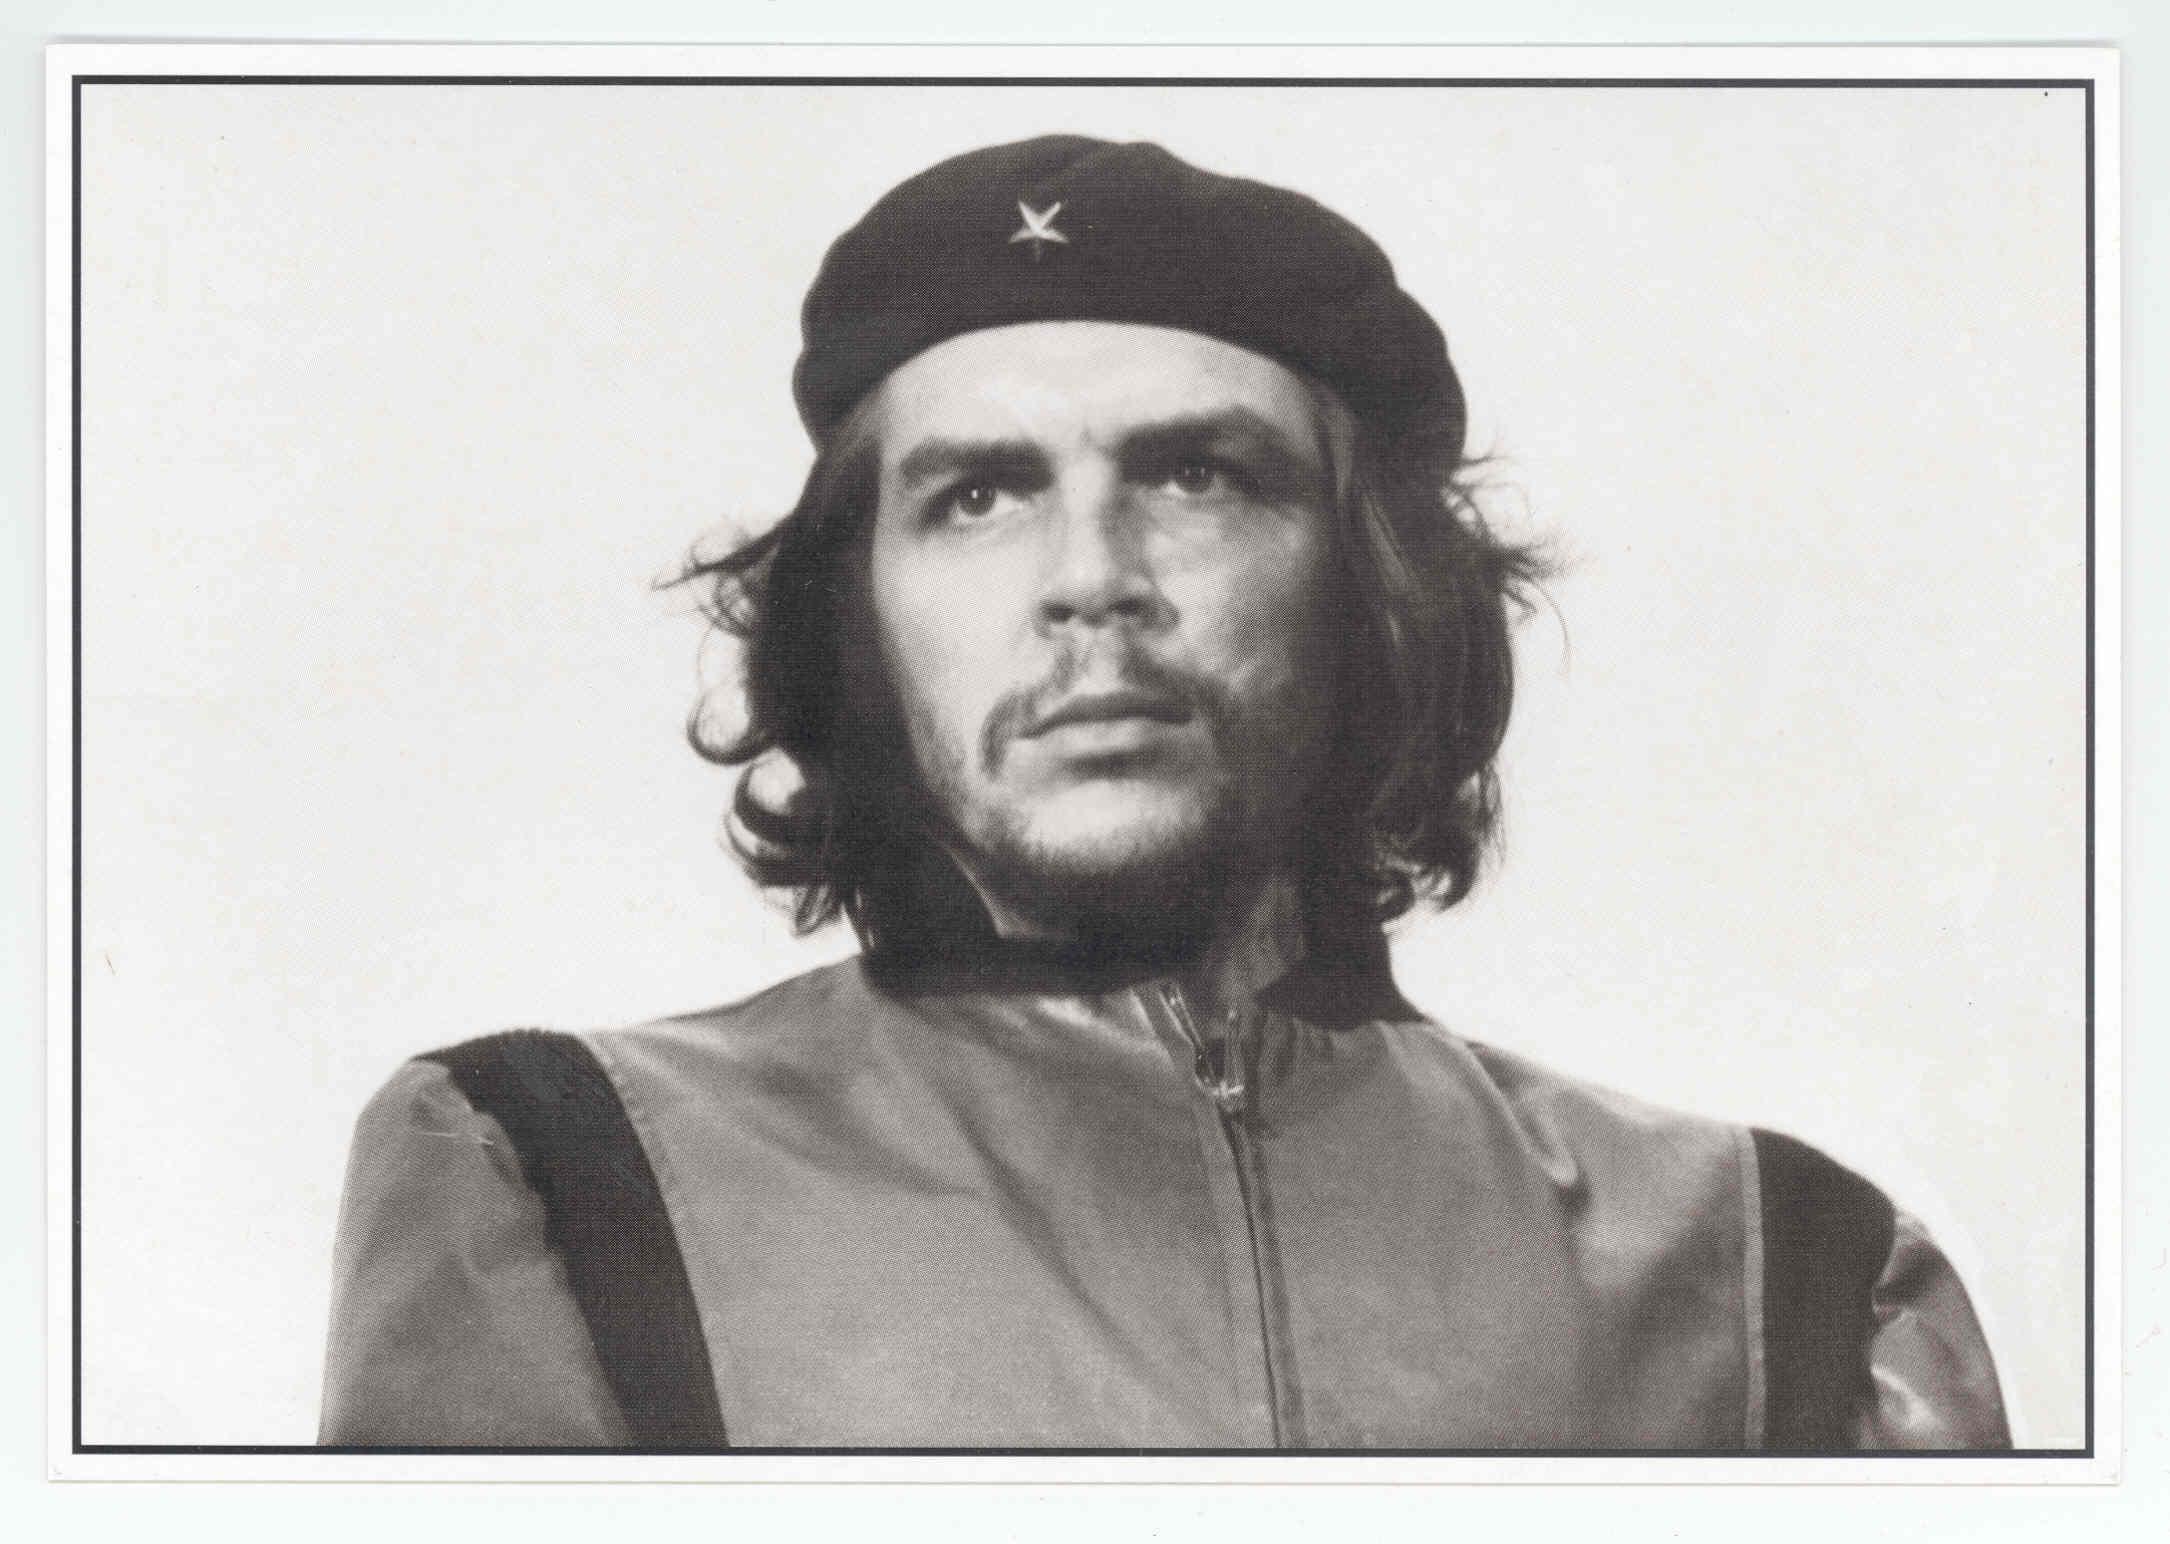 Авторизоваться на сайте.  Чем известна Куба.  Фотографии Кубы.  Контент.